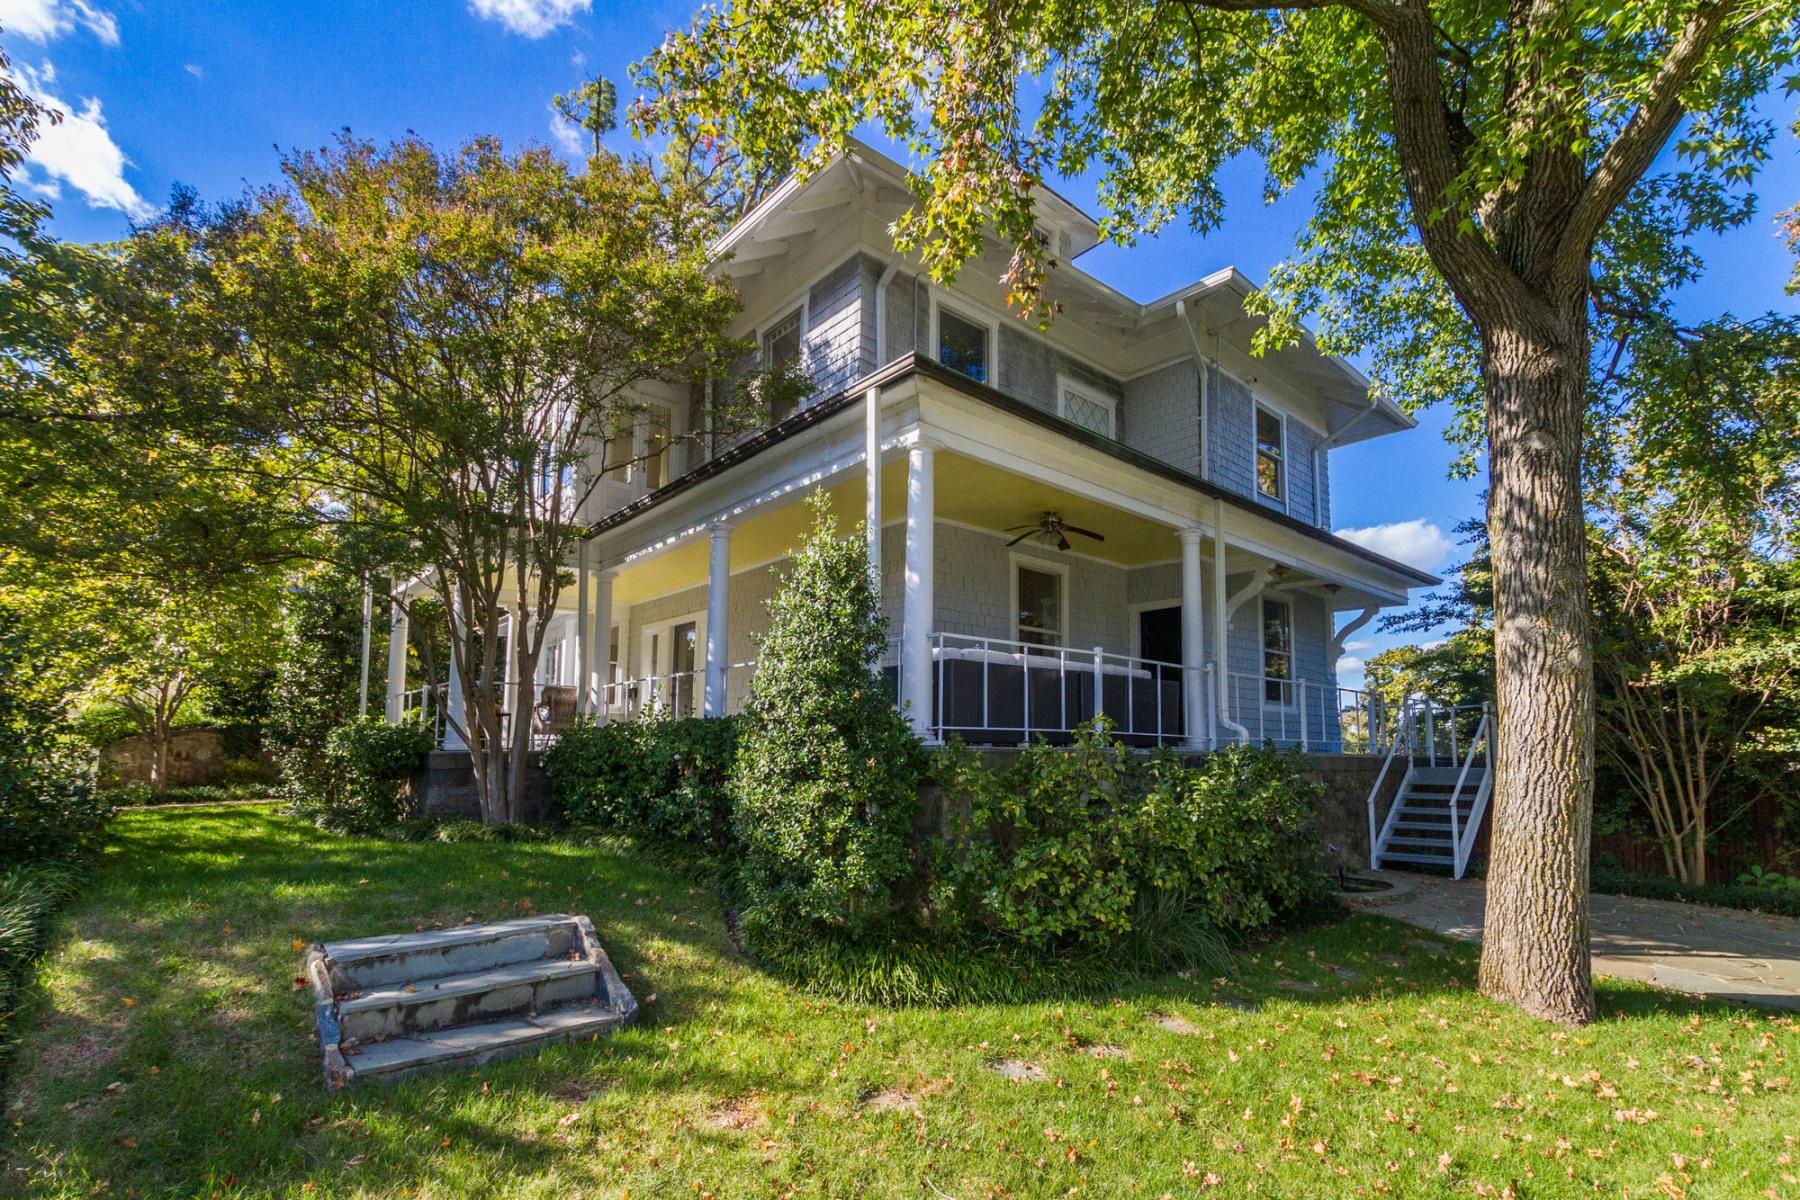 独户住宅 为 销售 在 3031 Newark Street Nw, Washington Cleveland Park, Washington, 哥伦比亚特区 20008 美国